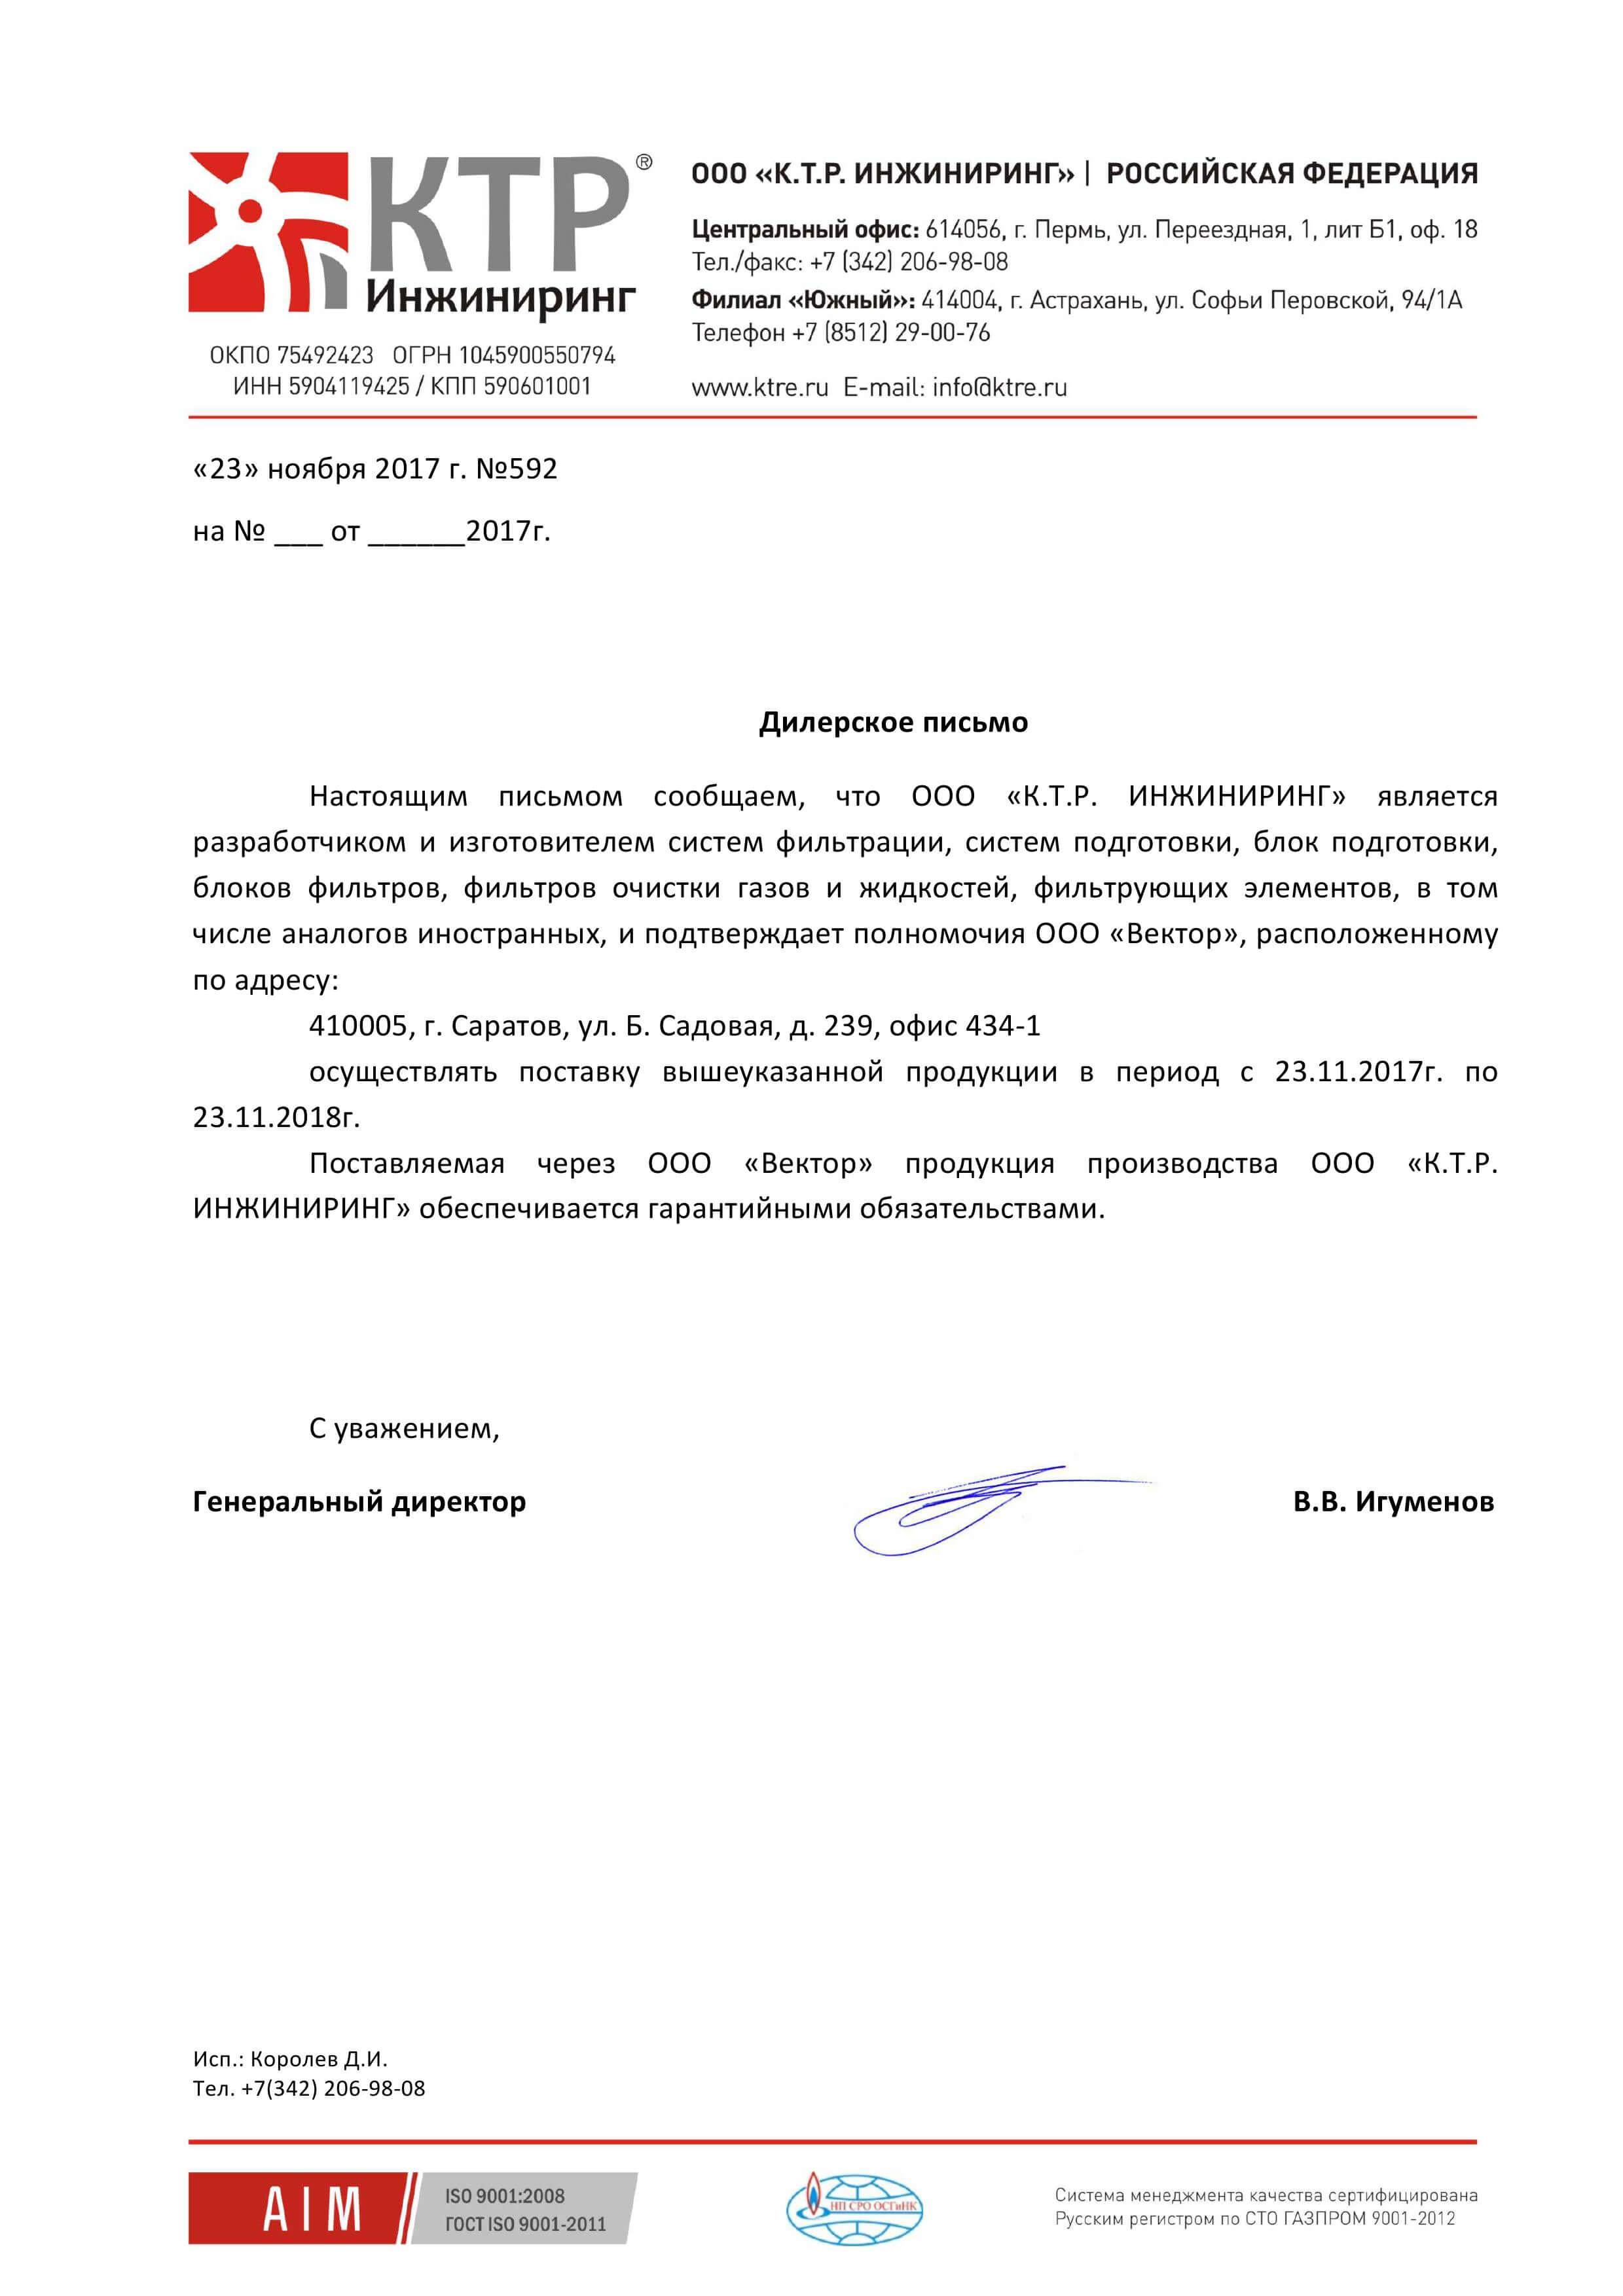 Диллеркое письмо_КТР Инжиниринг_001